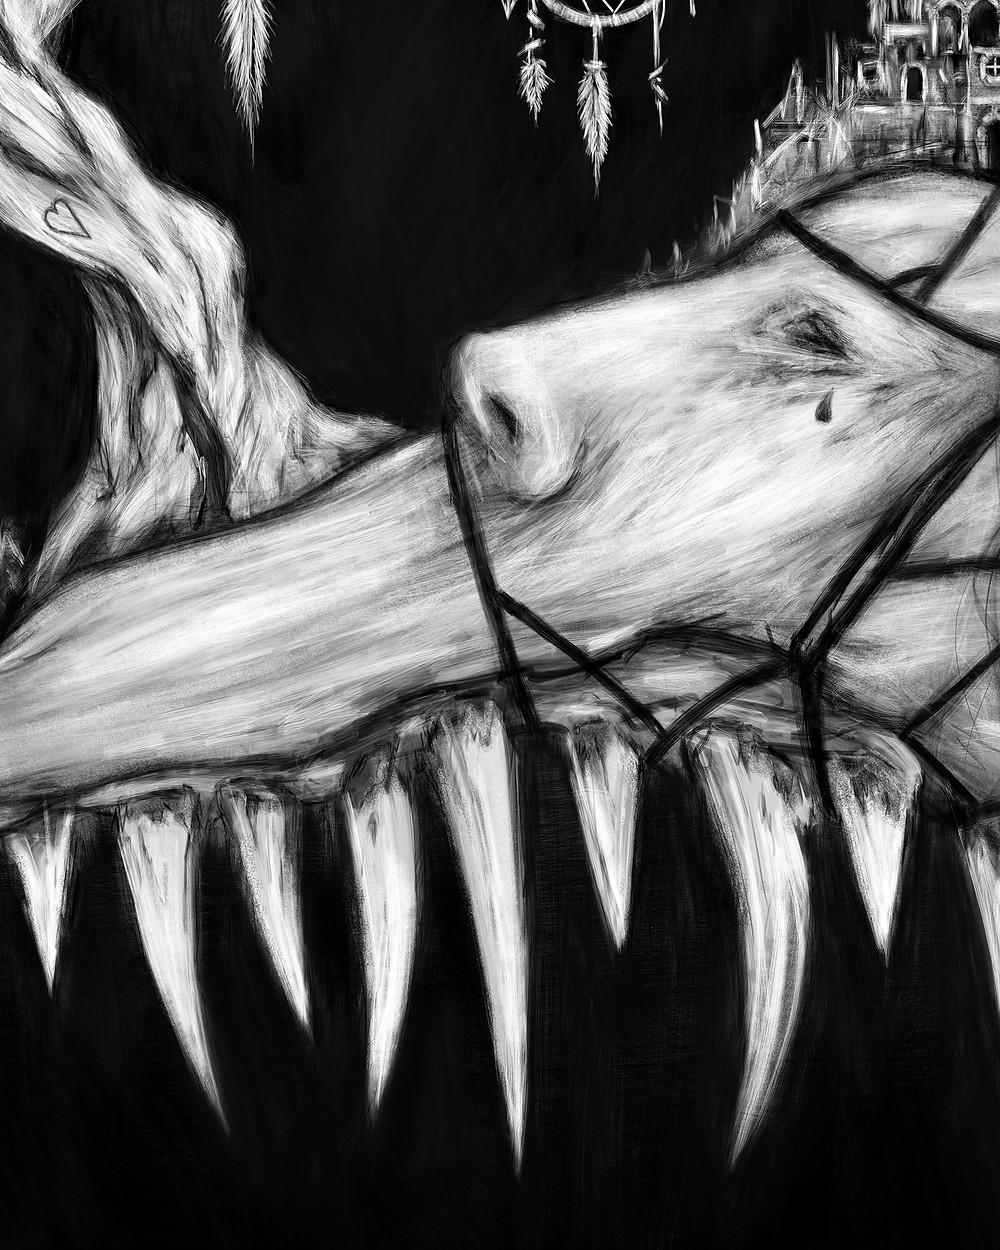 Black and white monster